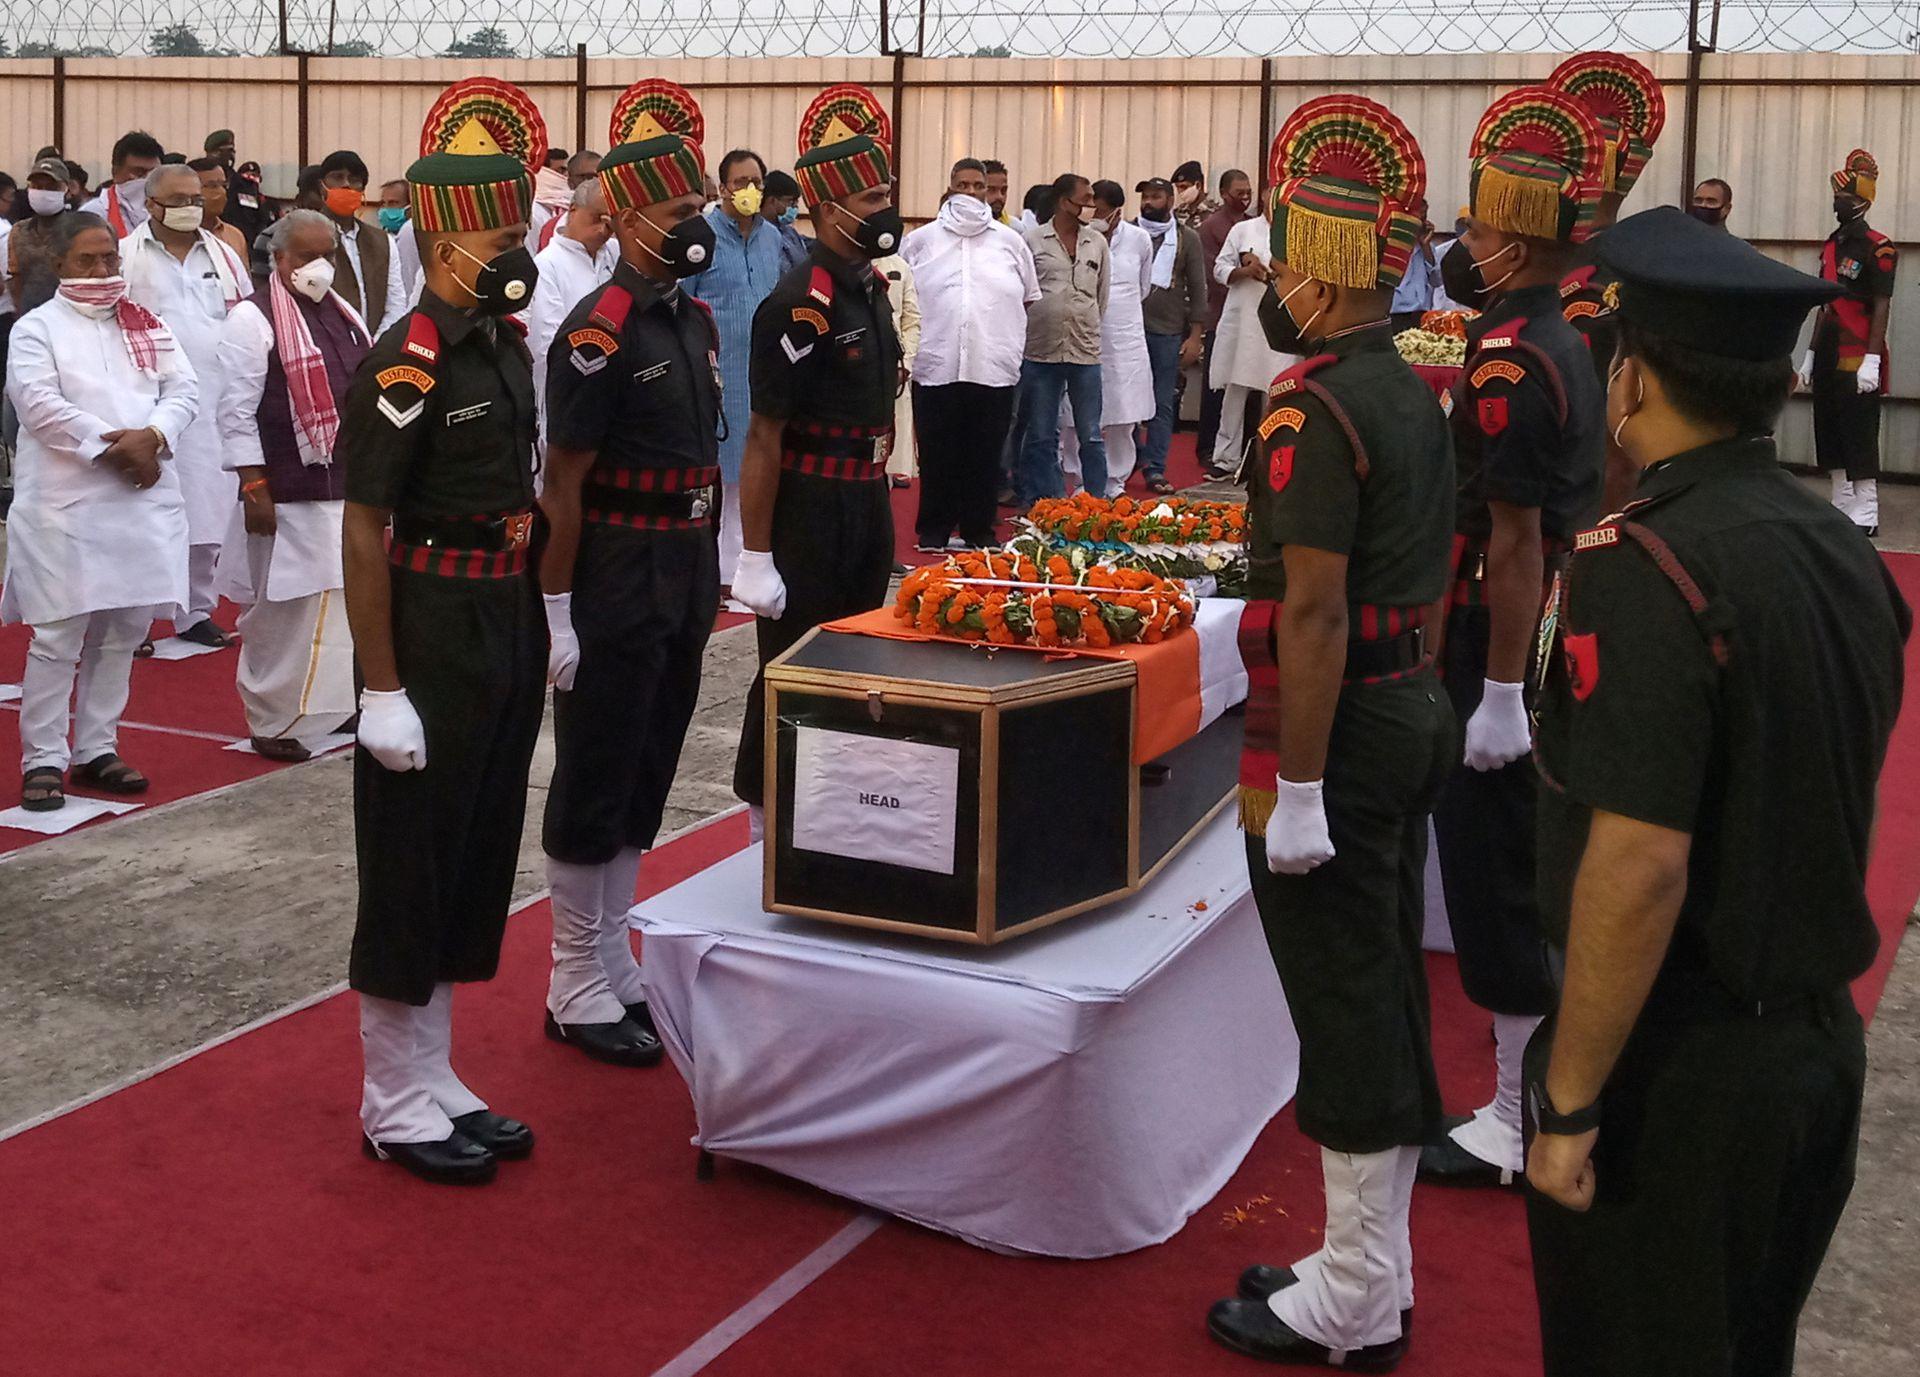 2020年6月17日,在印度巴特那举行的敬献花圈仪式上,部分在此前中印对峙中丧生的印军士兵开始下葬。(路透社)